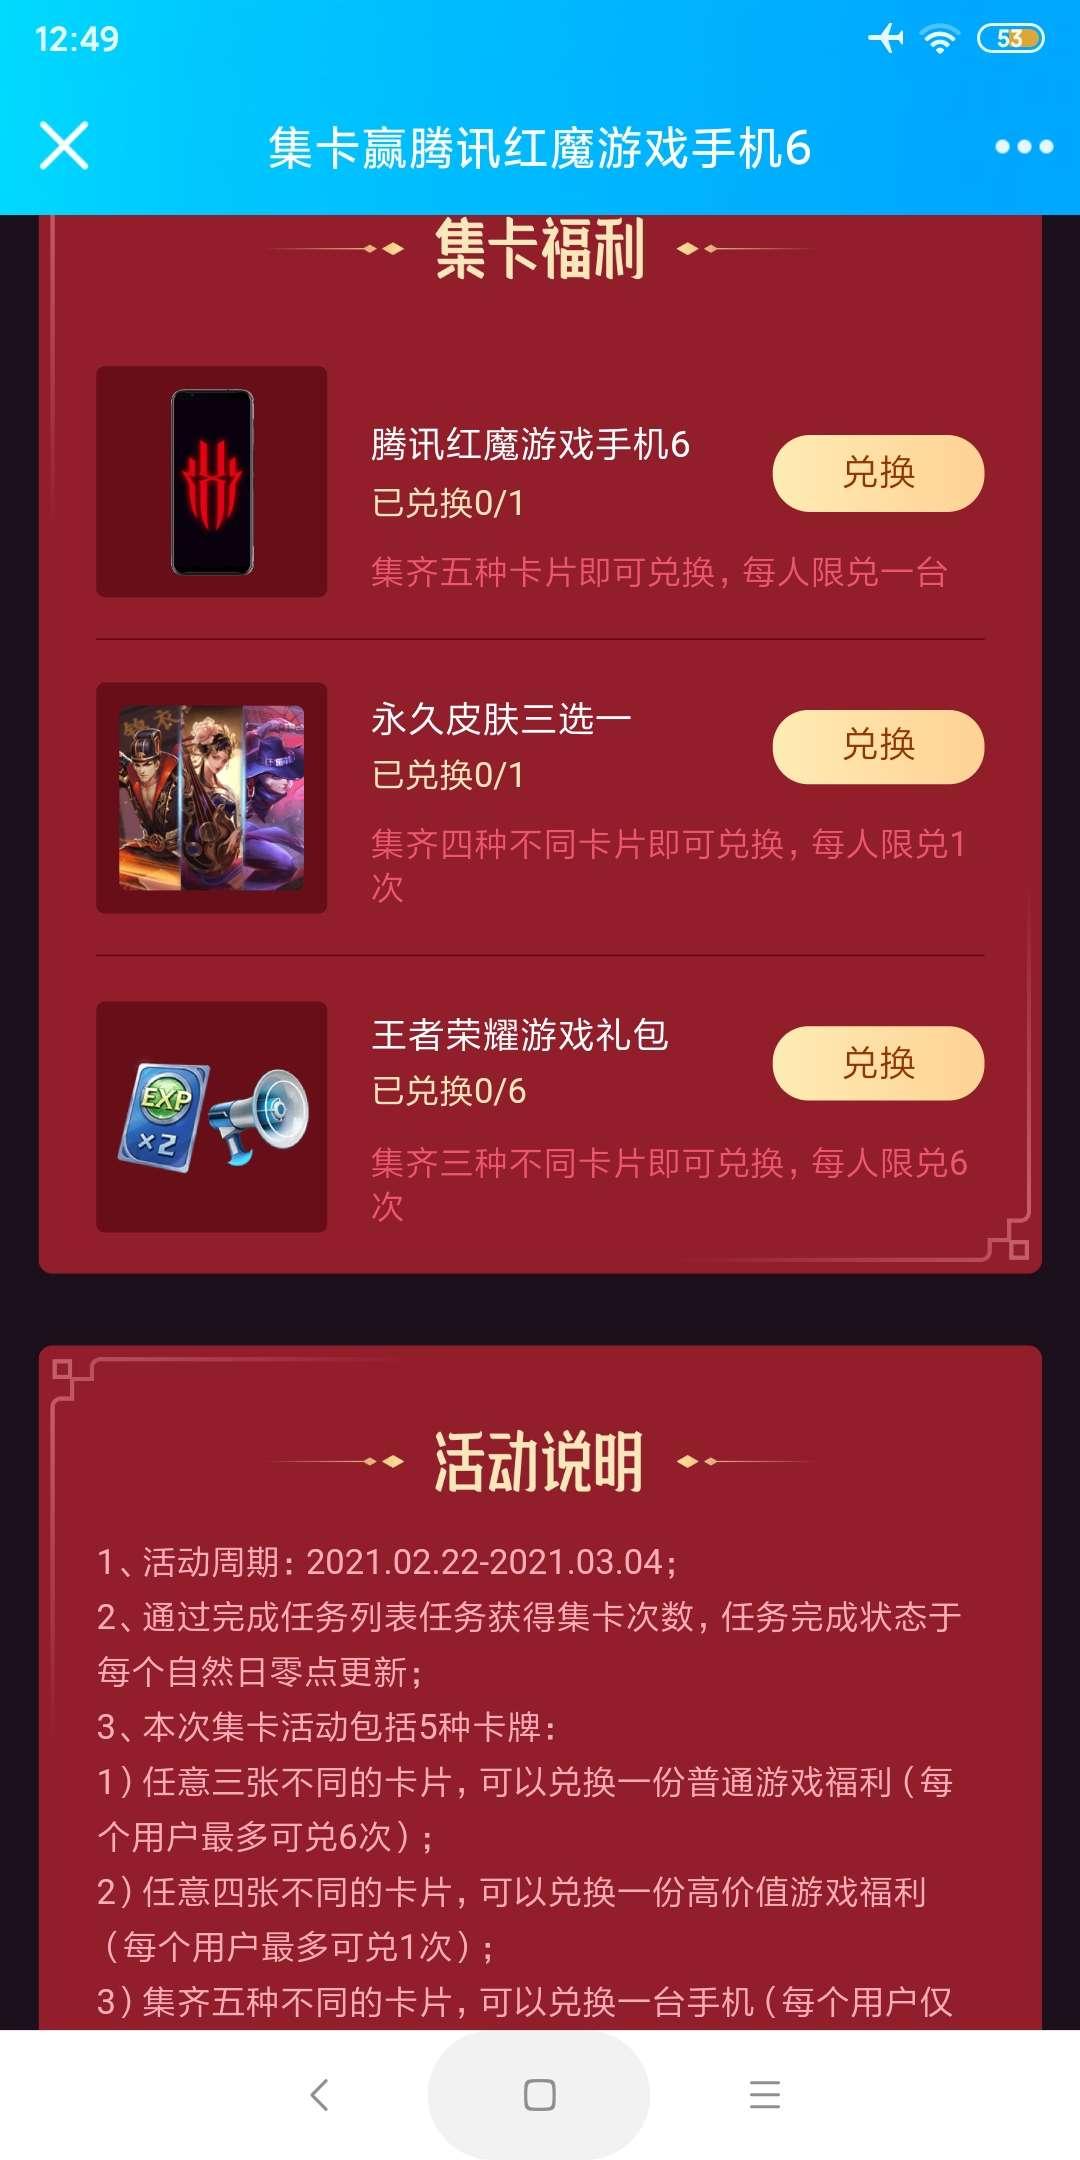 集卡赢腾讯红魔游戏手机6插图2